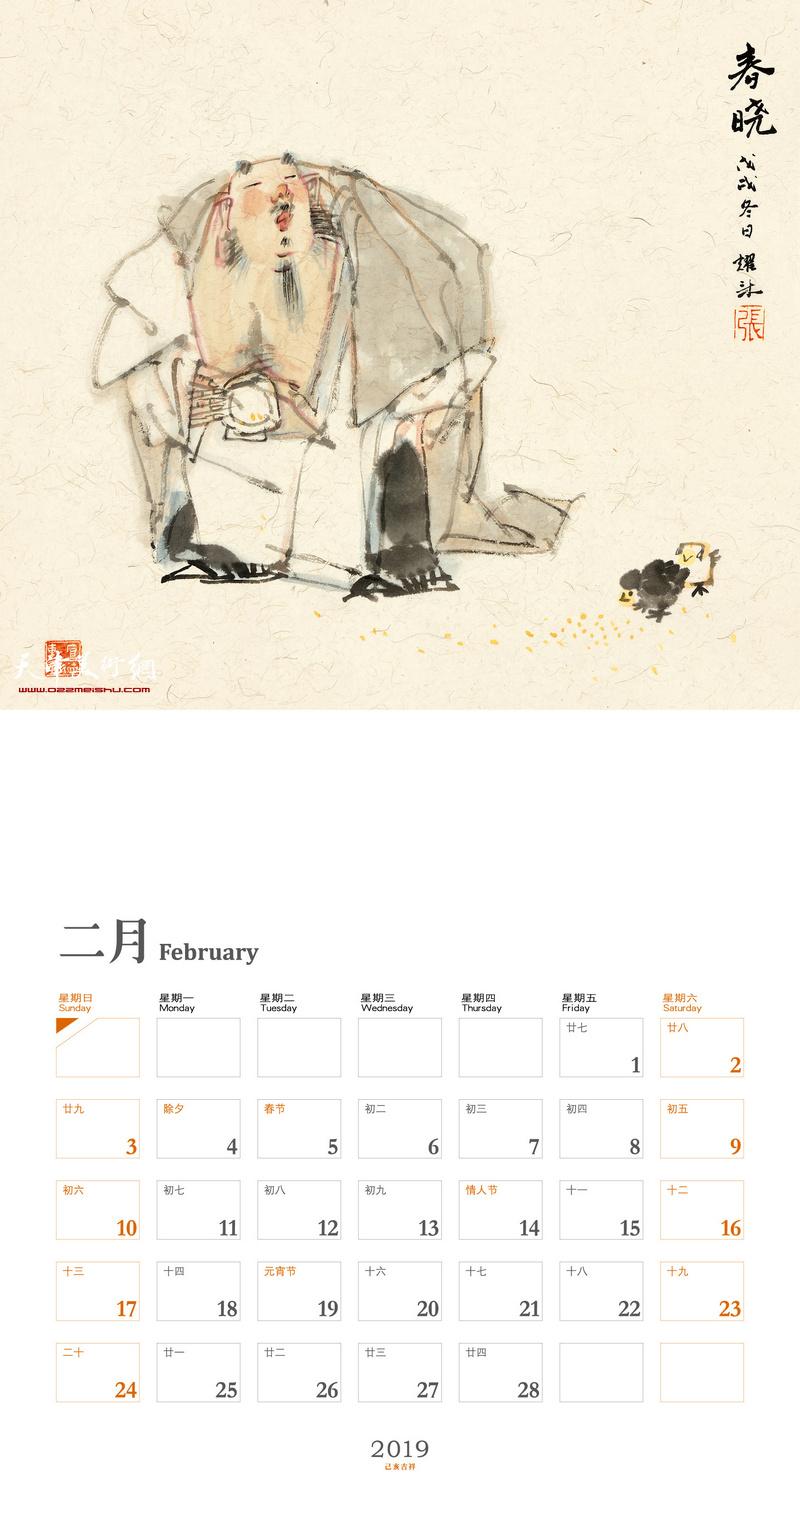 2019己亥吉祥 二月 张耀来作品:春晓